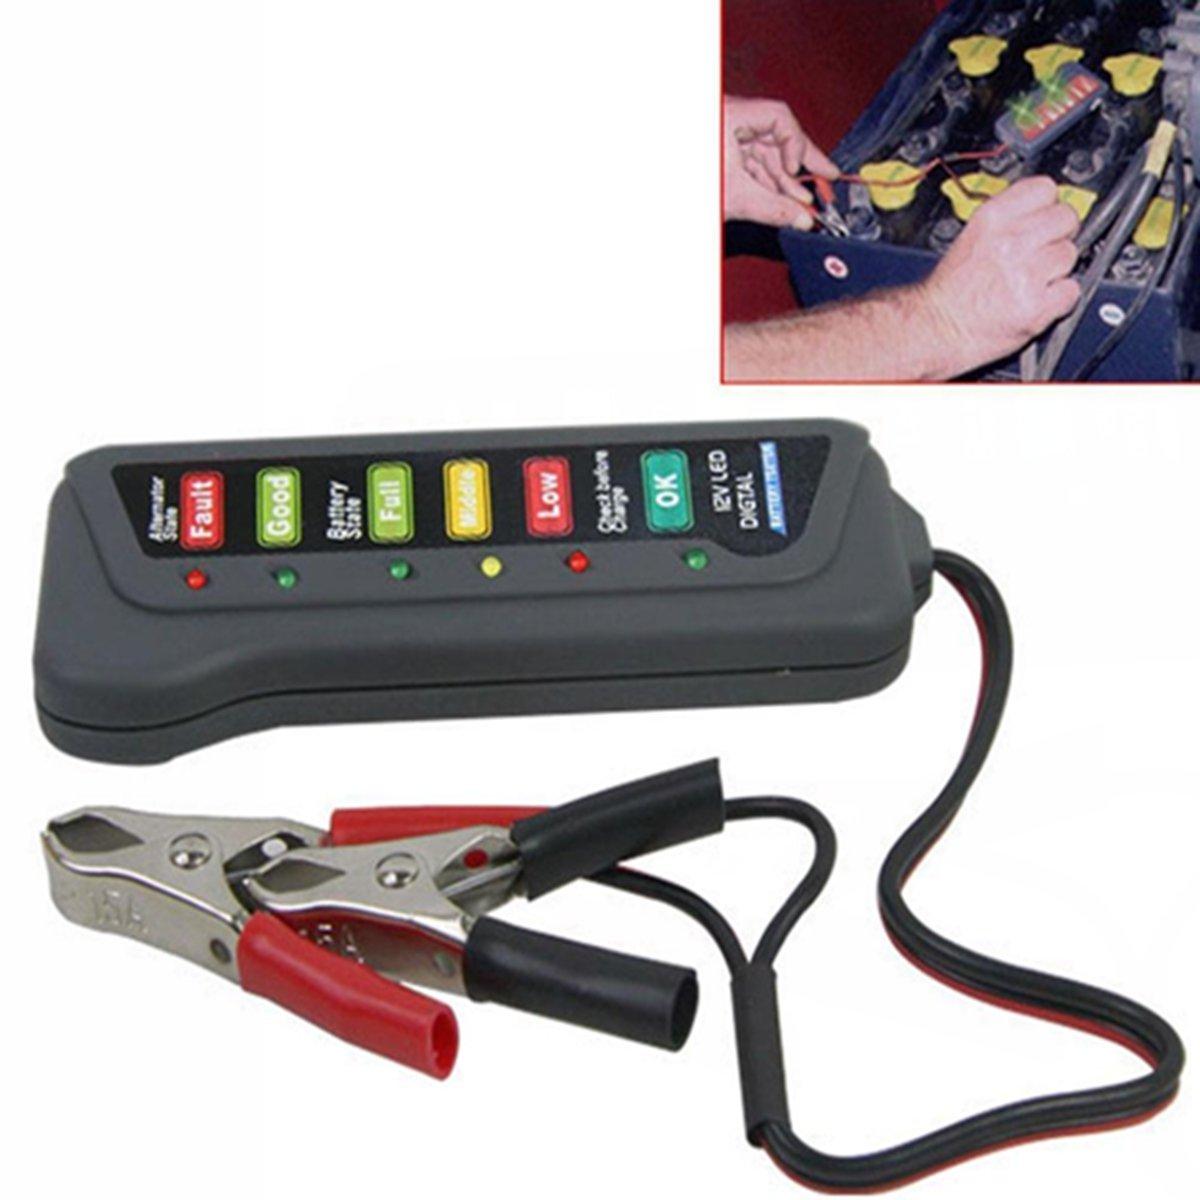 SUNDELY® 12V Digital Battery Alternator Tester With 6 LED Lights Display For Cars Trucks 387832